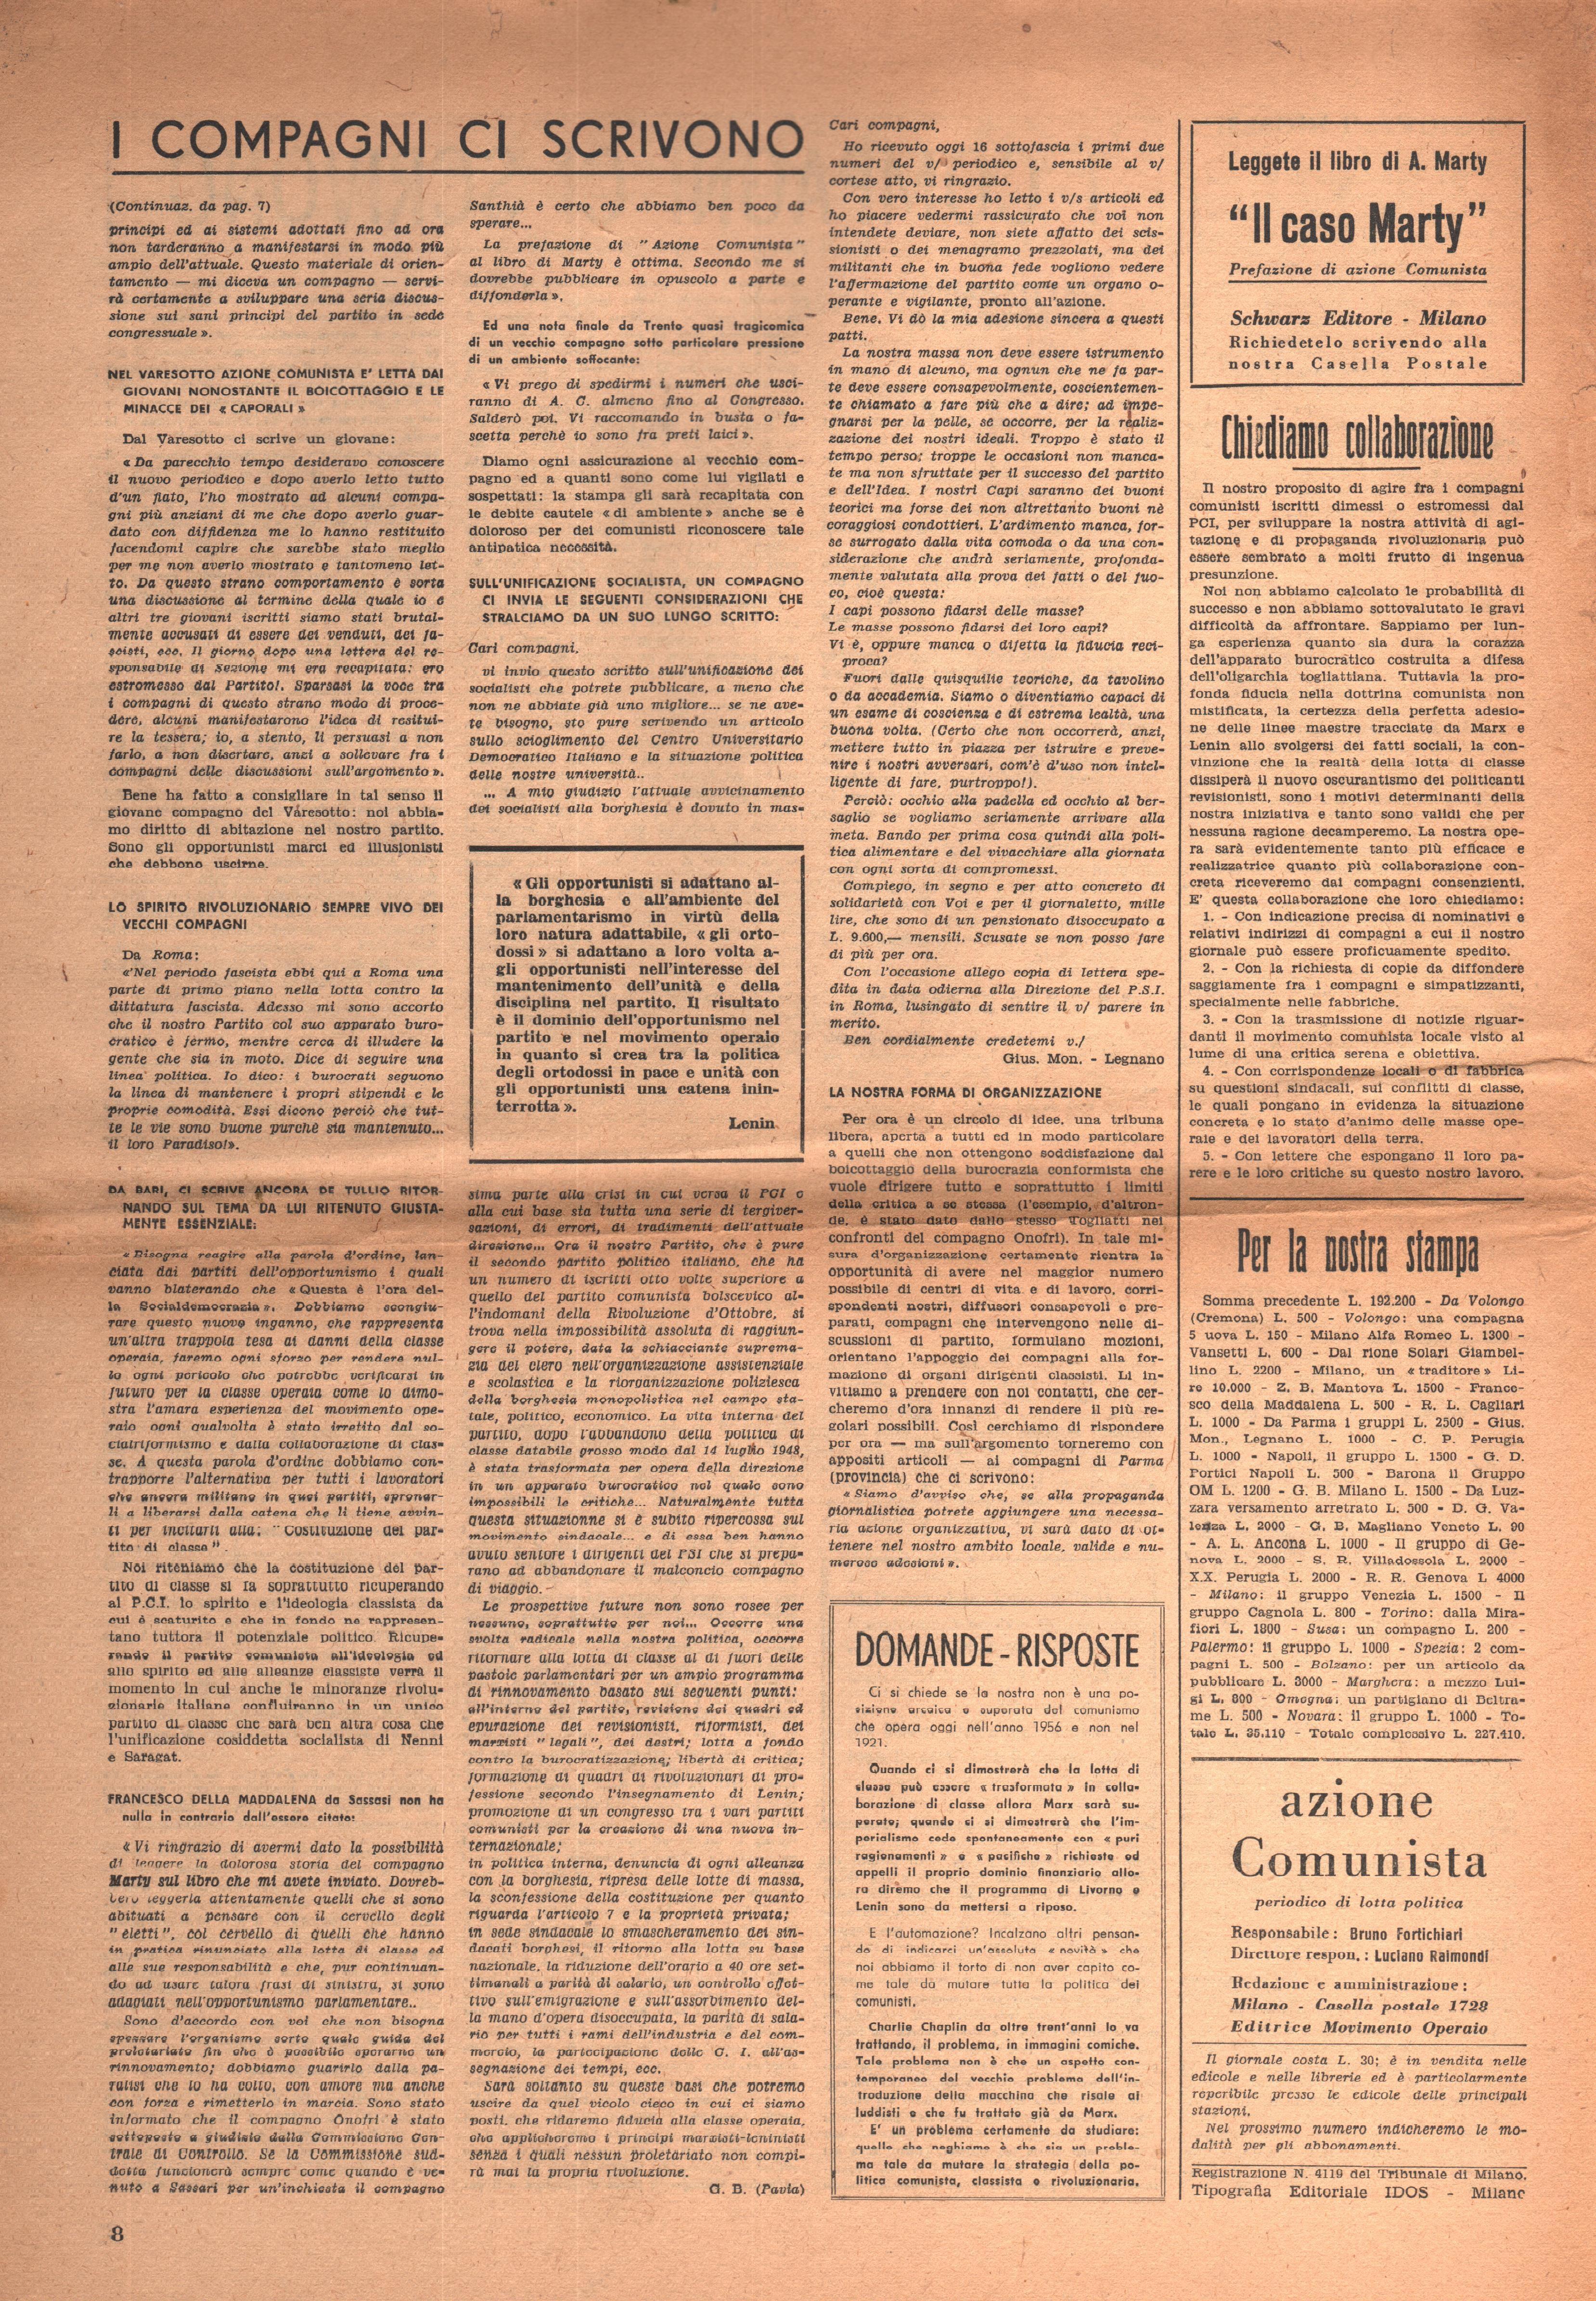 Azione Comunista 4 - pag. 8